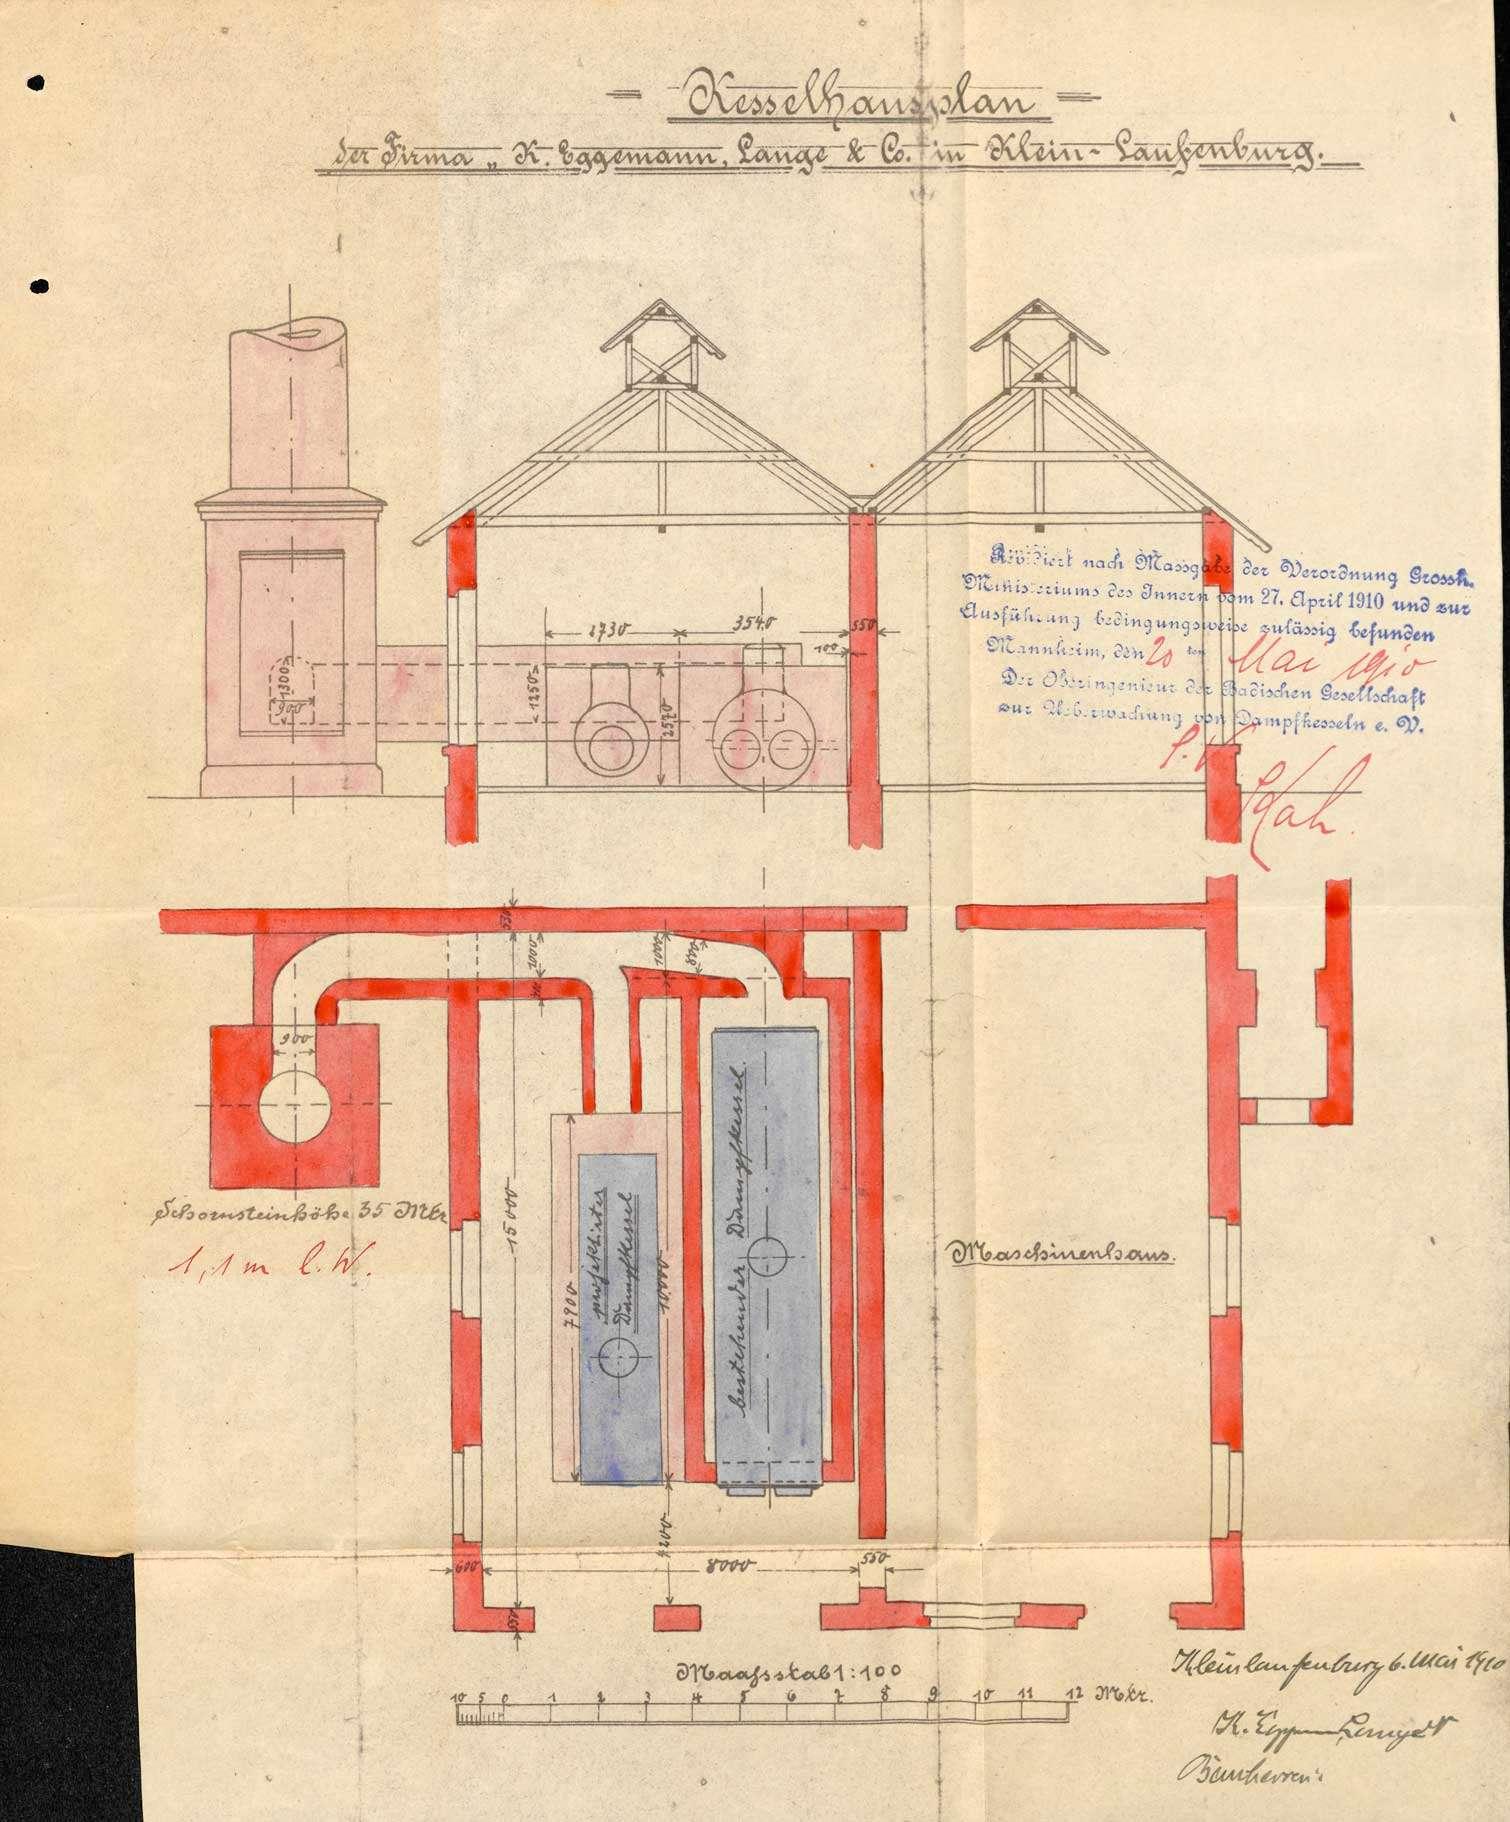 Dampfkessel der Firma Eggemann, Lange & Co. in Kleinlaufenburg bzw. Laufenburg (Baden), Bild 2